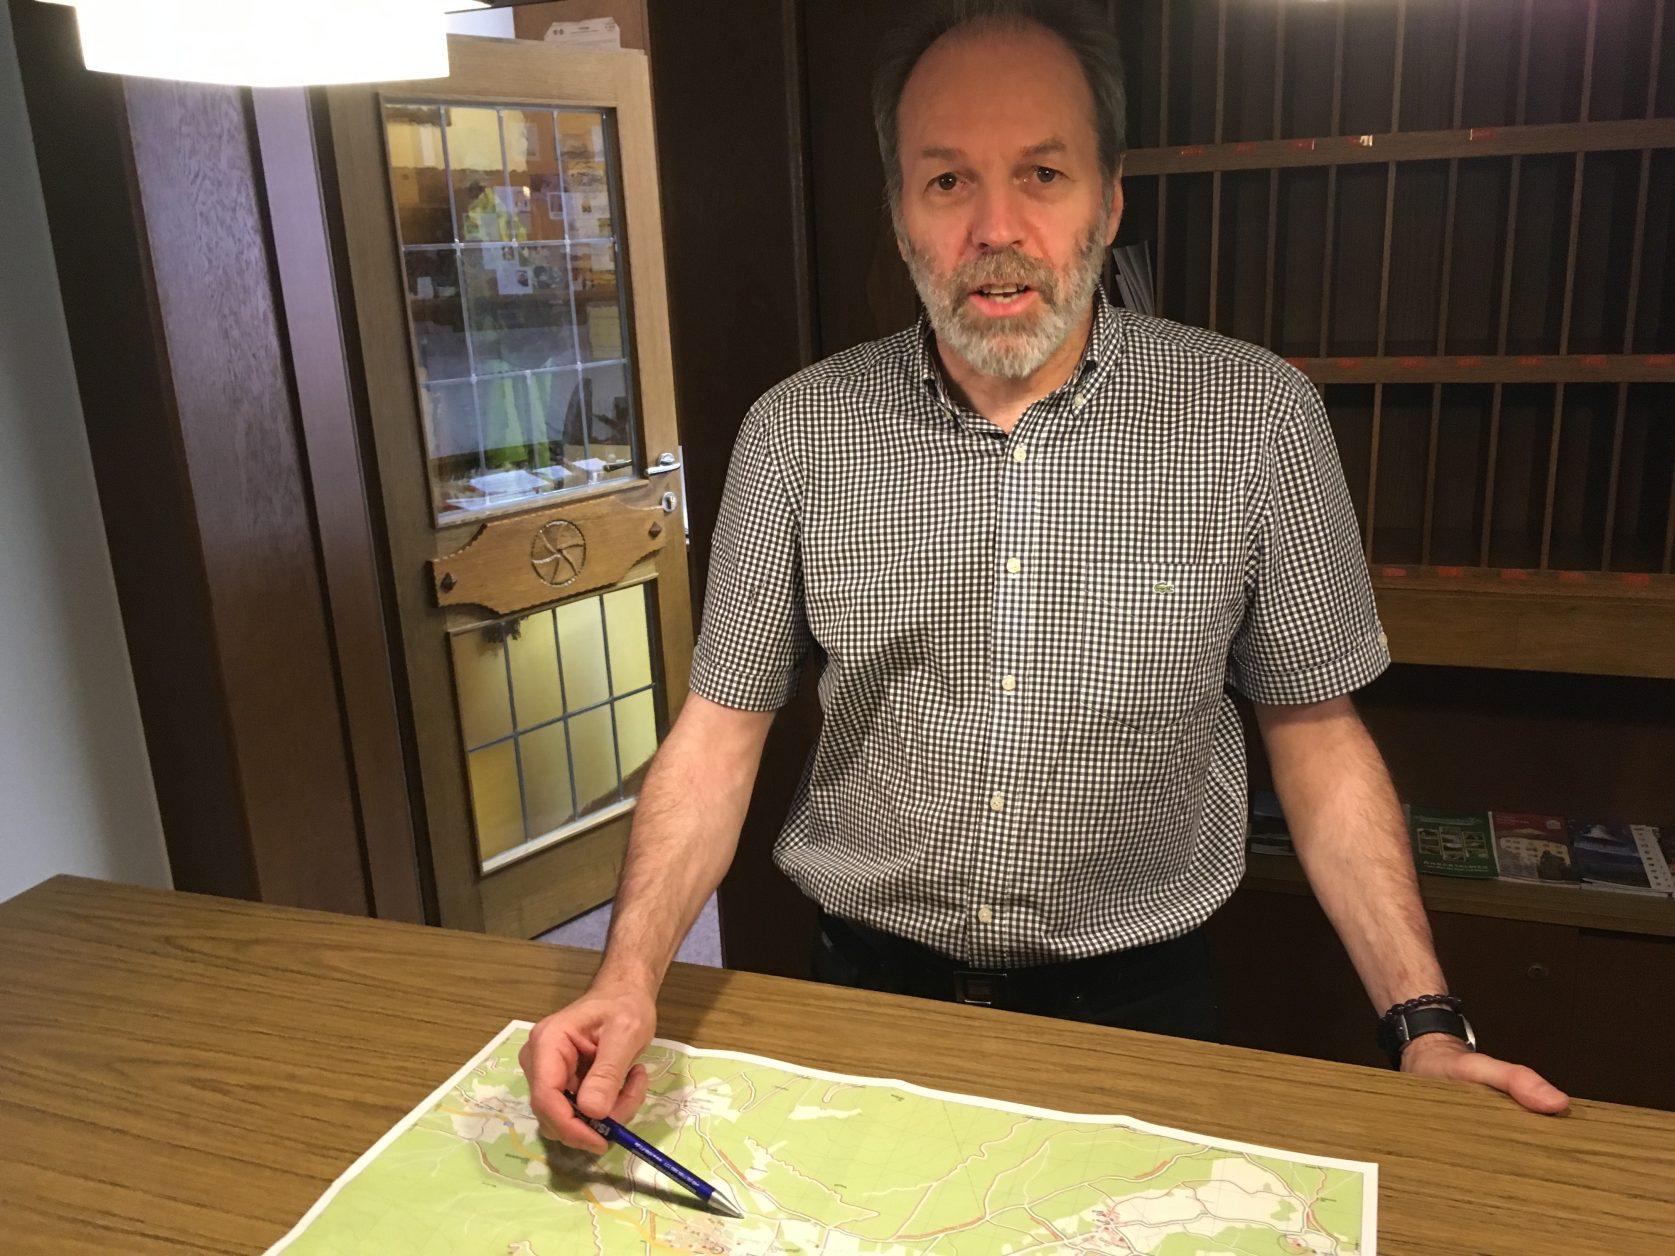 Peter Stierschneider vom Hotel Bergland in Obsteig erklärt Wanderziele. Foto: D.Weirauch